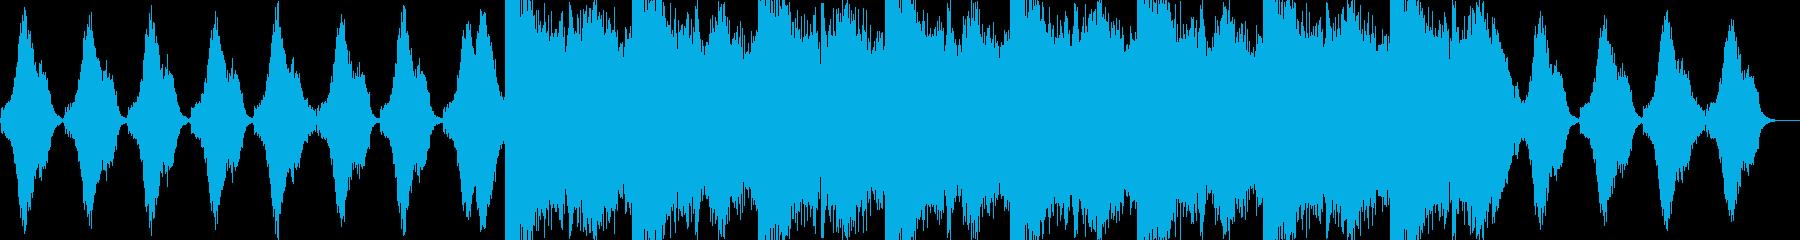 暗く不愉快な曲です。ホラーなどに。の再生済みの波形